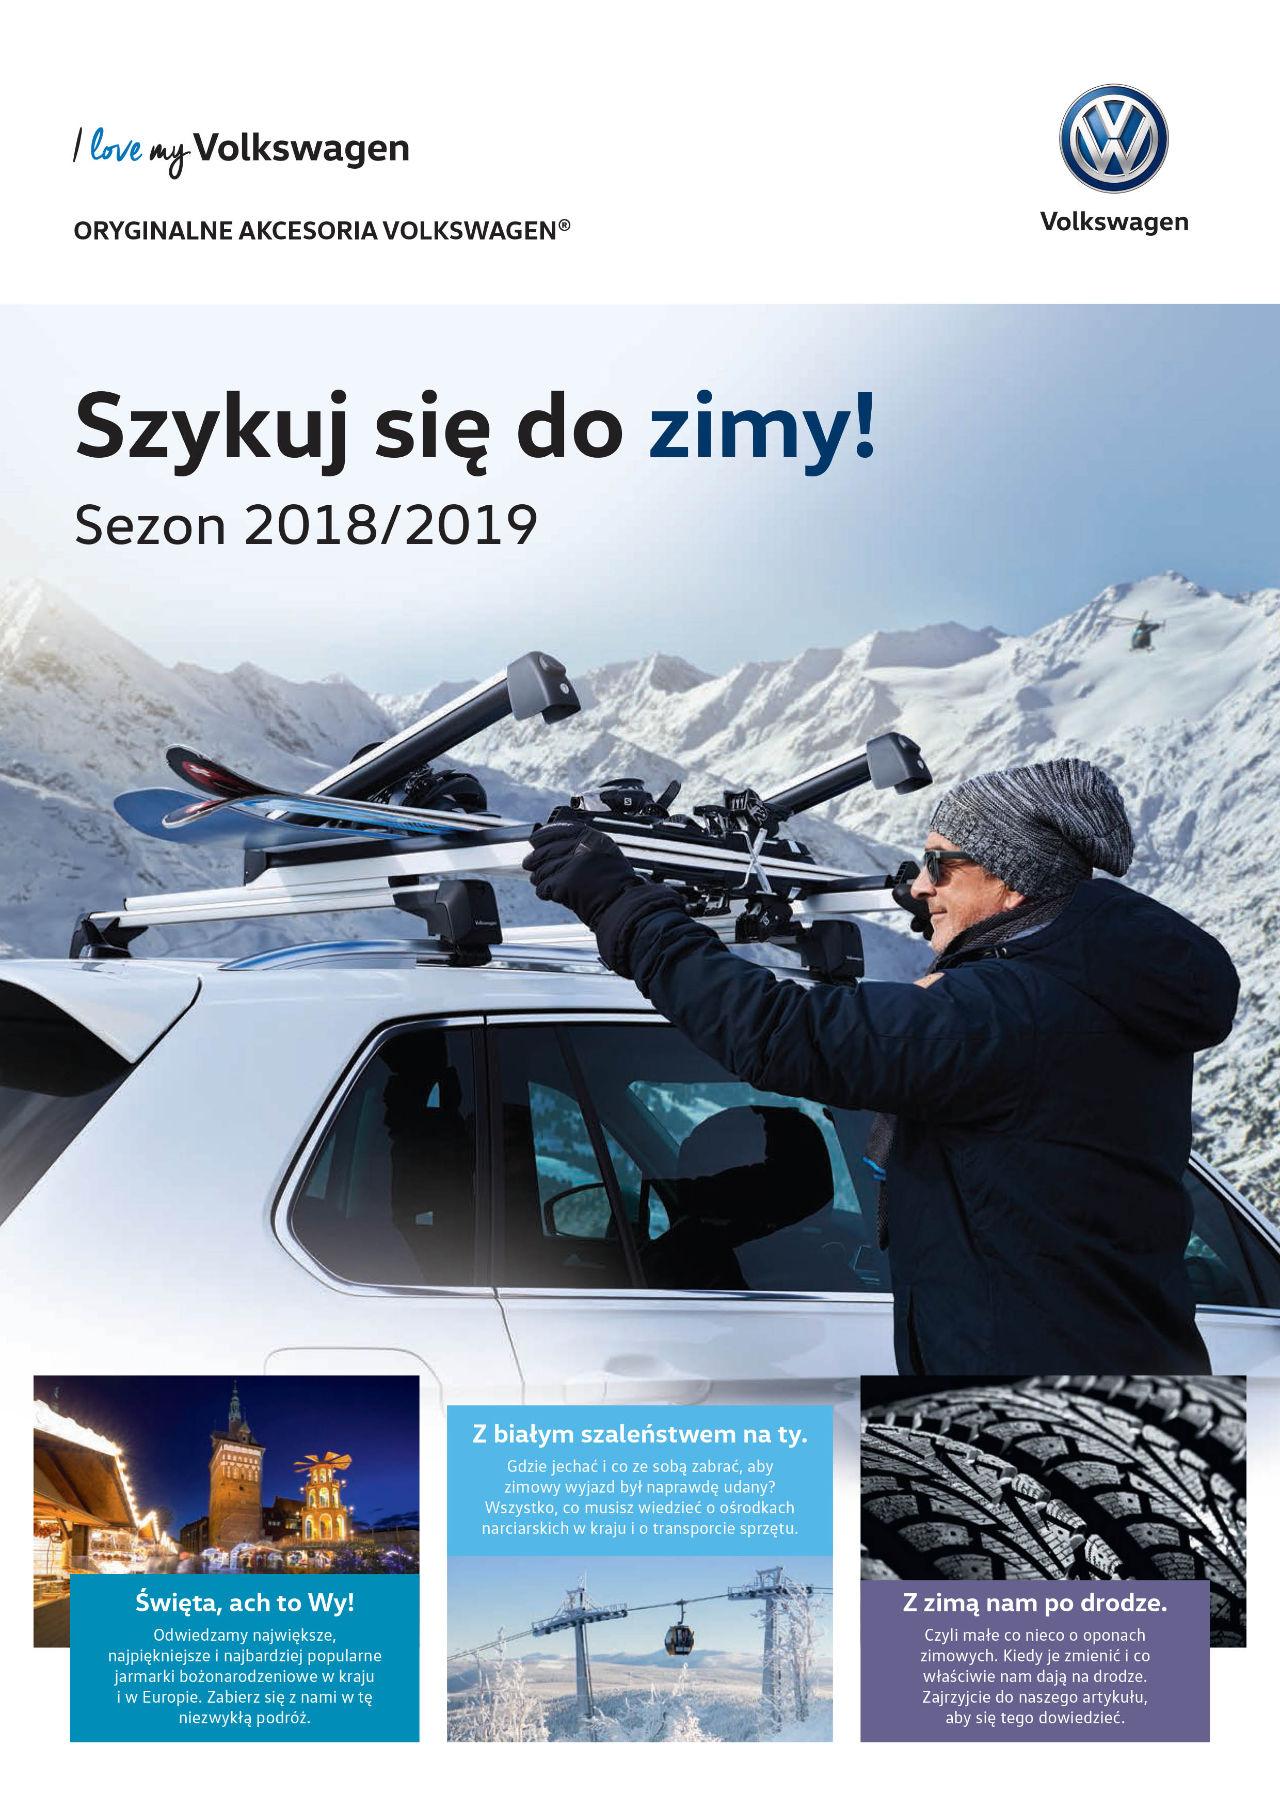 Szykuj się do zimy - gazetka 2018